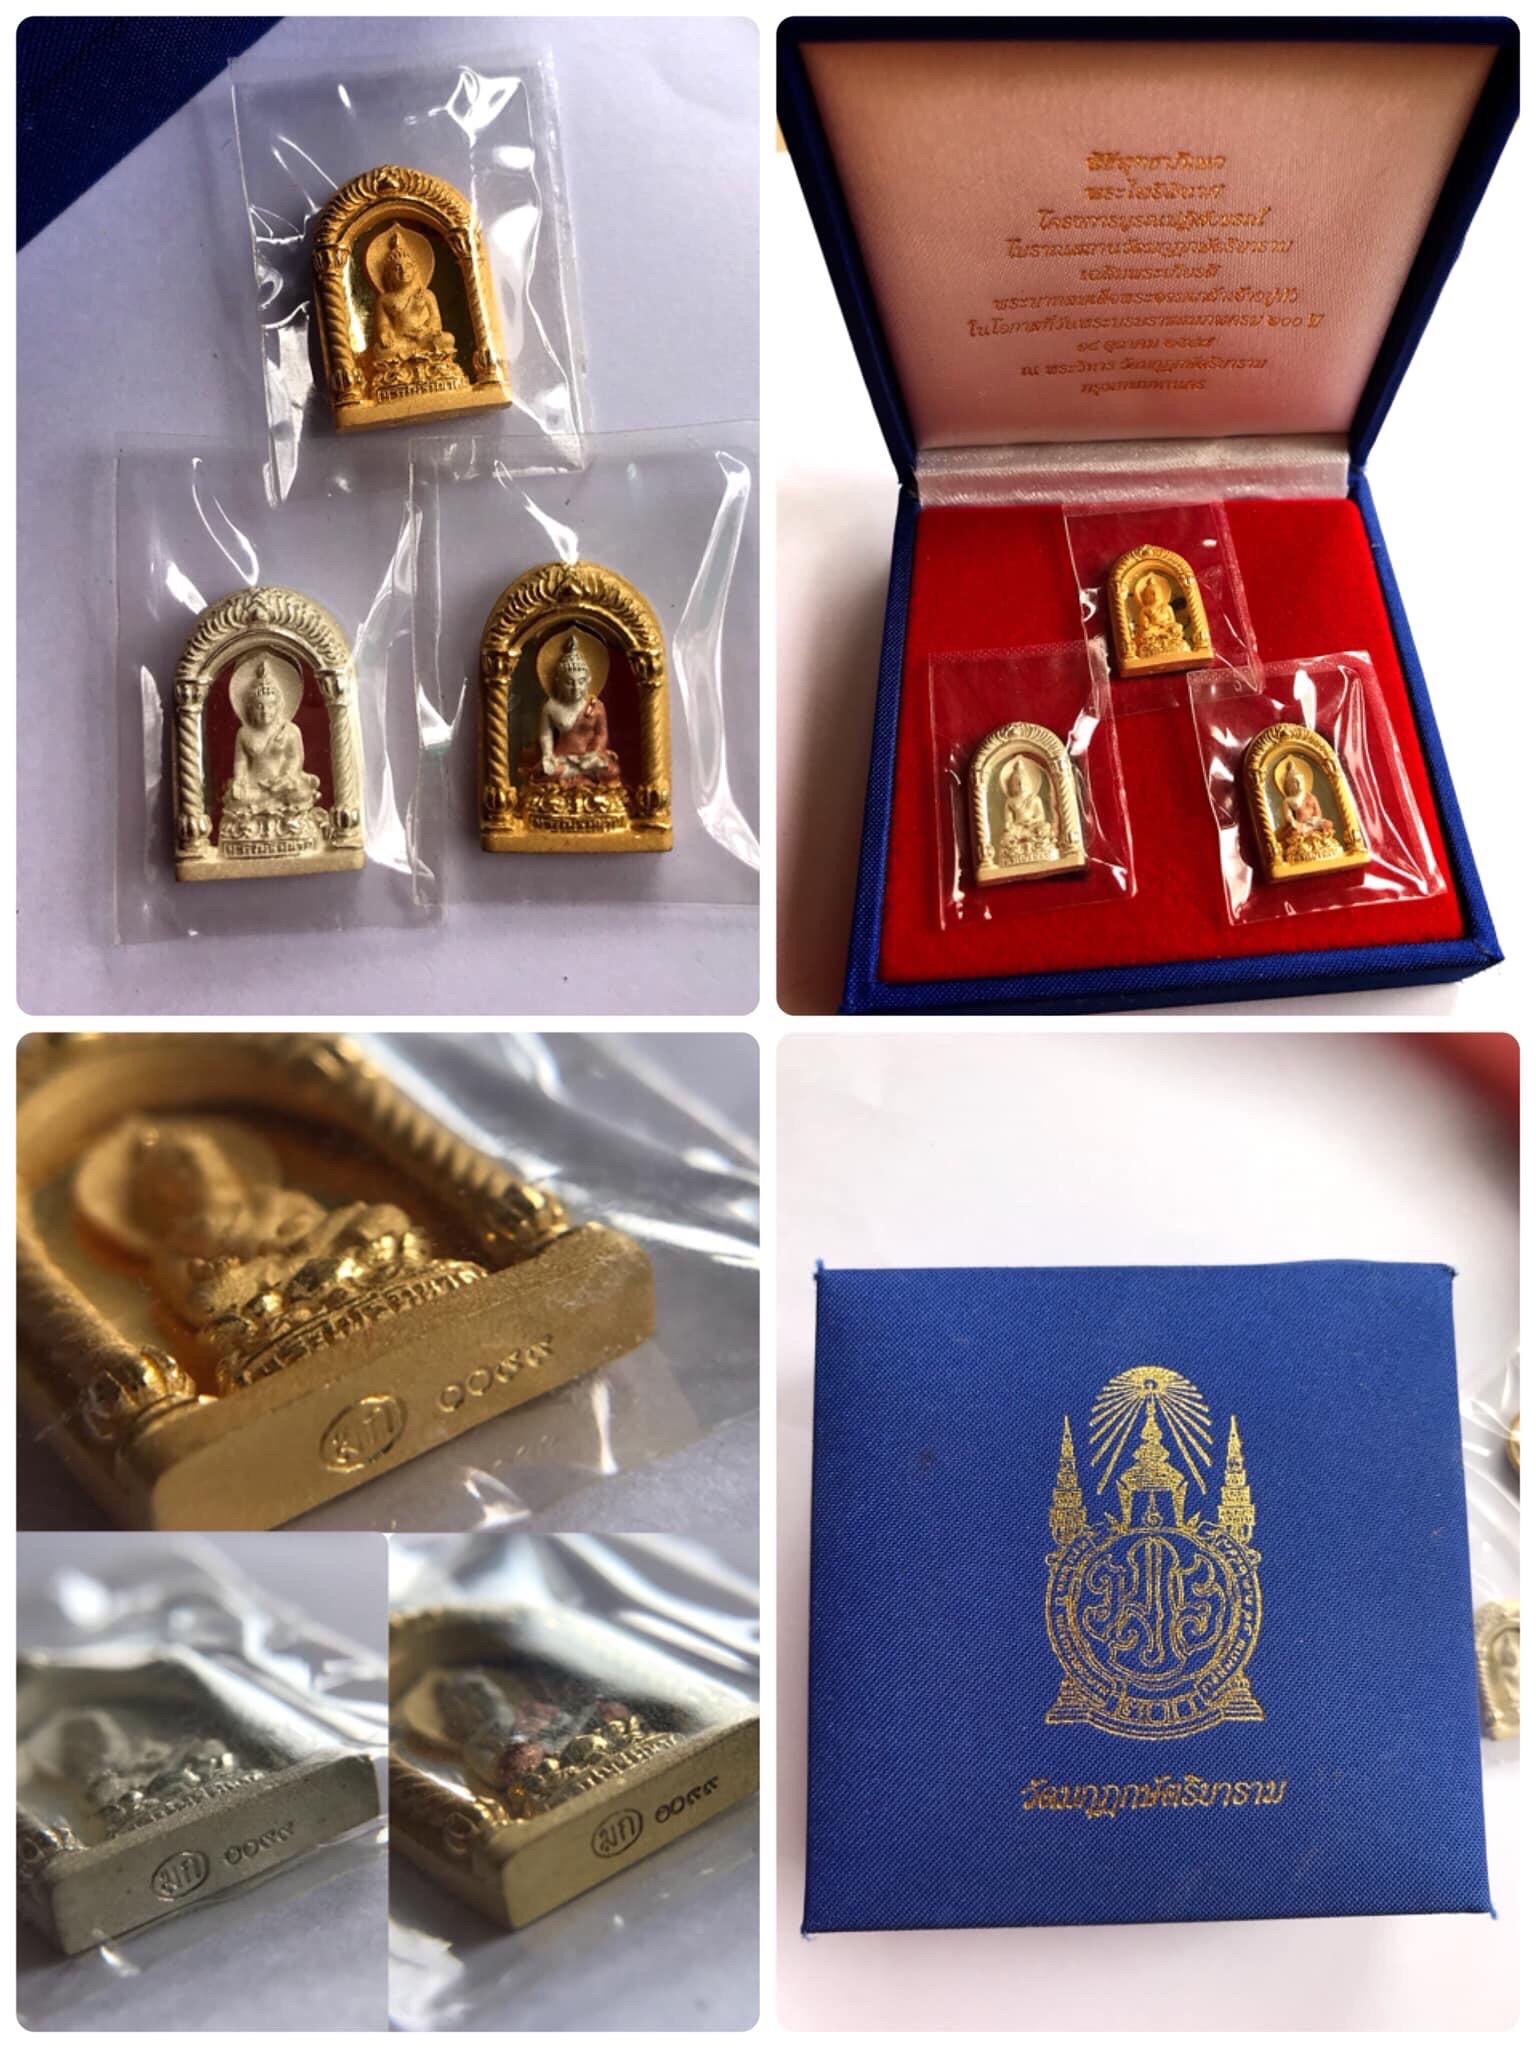 เหรียญพระไพรีพินาศ ชุดทองคำ เลข super VIP ครับ no.99  พ.ศ.2547 พร้อมกล่อง (เช่าบูชาไปแล้ว)